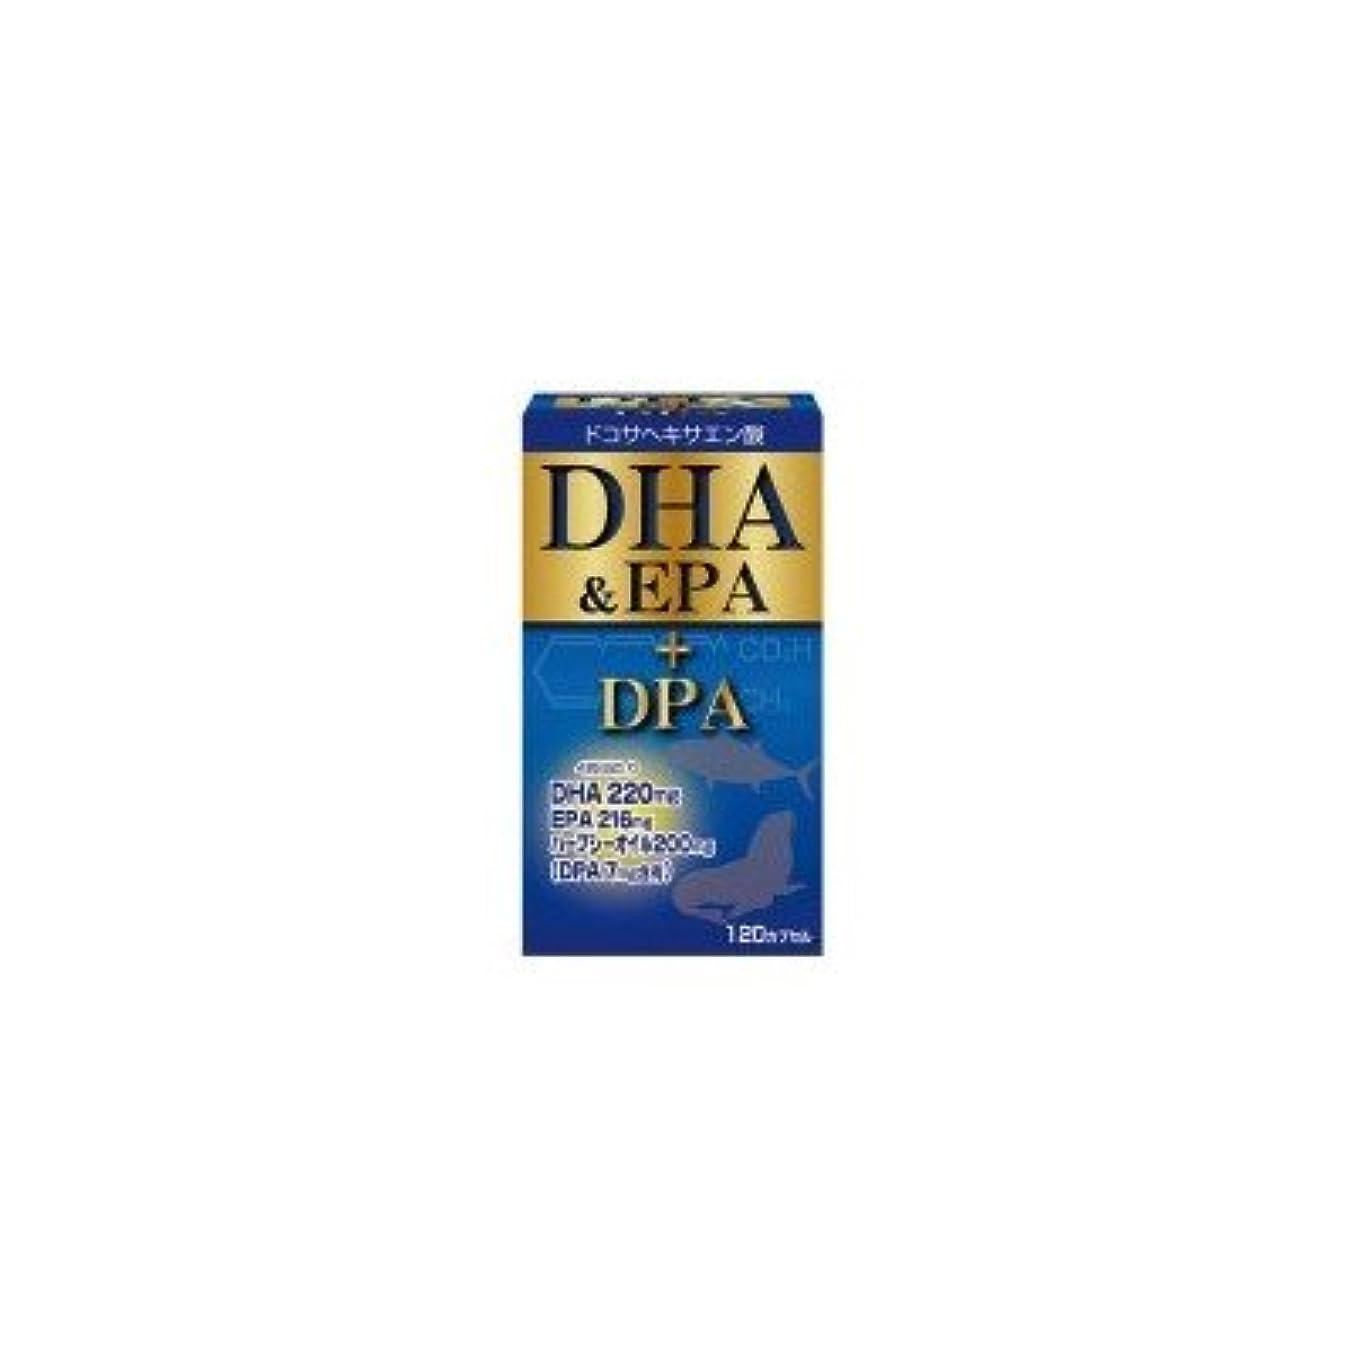 ヒロイックデクリメント失ユーワ DHA&EPA+DPA 120カプセル (品番:3091)